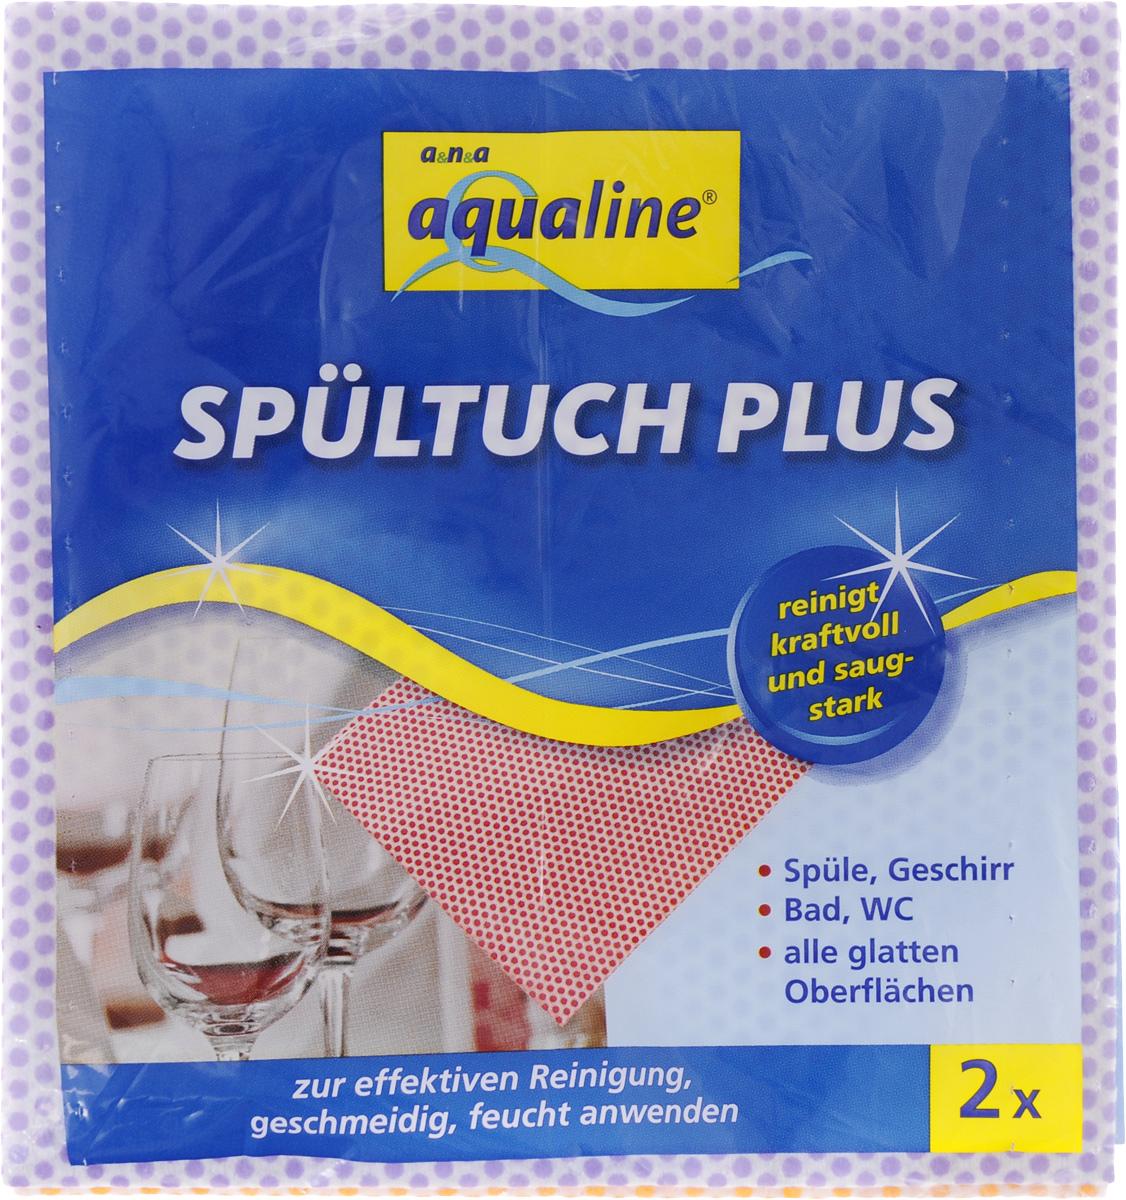 Салфетка Aqualine Plus для посуды и домашнего хозяйства, цвет: оранжевый, сиреневый, 35 х 38 см, 2 шт531-105Мягкая салфетка Aqualine Plus обладает высокими чистящими свойствами за счет специальных точек, которые находятся на поверхности ткани. Она прекрасно подходит как для мытья посуды, так и для уборки поверхностей на кухне и в ванной комнате. Благодаря рифленой структуре салфетка удаляет даже самые сильные загрязнения, хорошо впитывая жидкость, не оставляя ворсинок.Состав: 82% вискоза, 18% полипропилен.